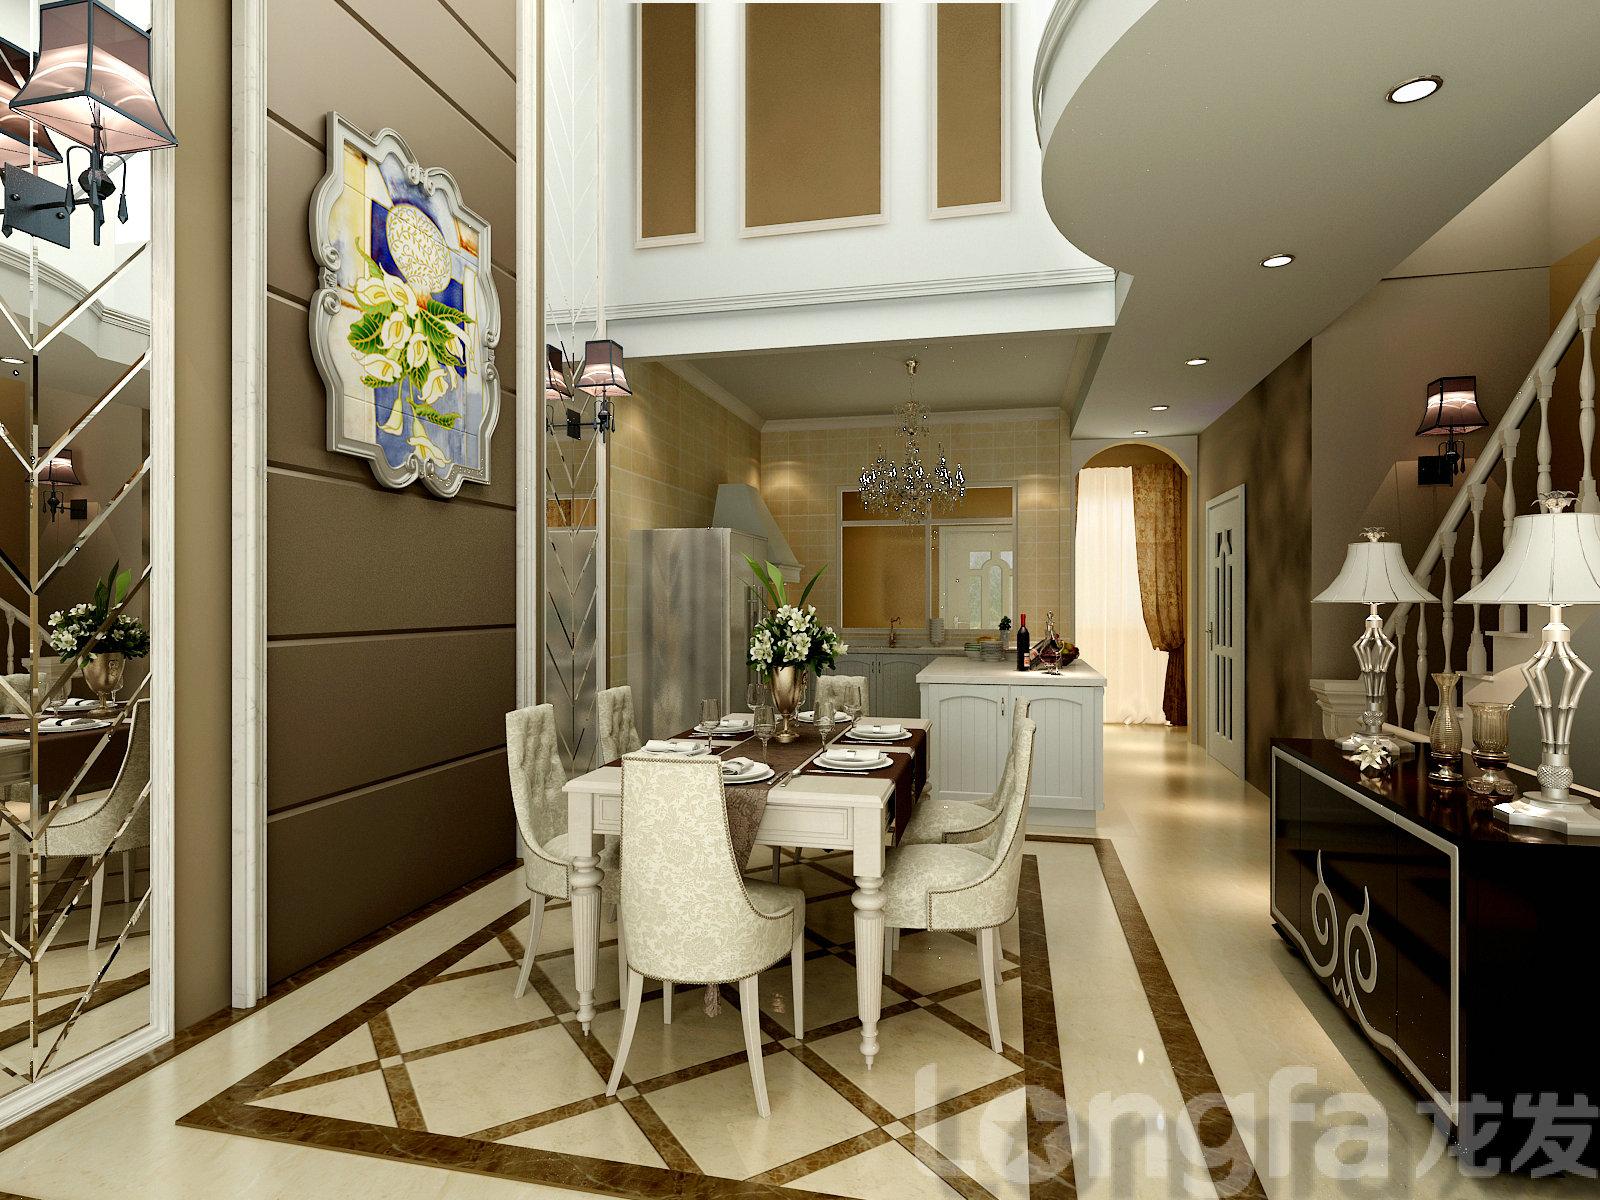 天津龙港诚别墅欧式风格设计装修效果图图片